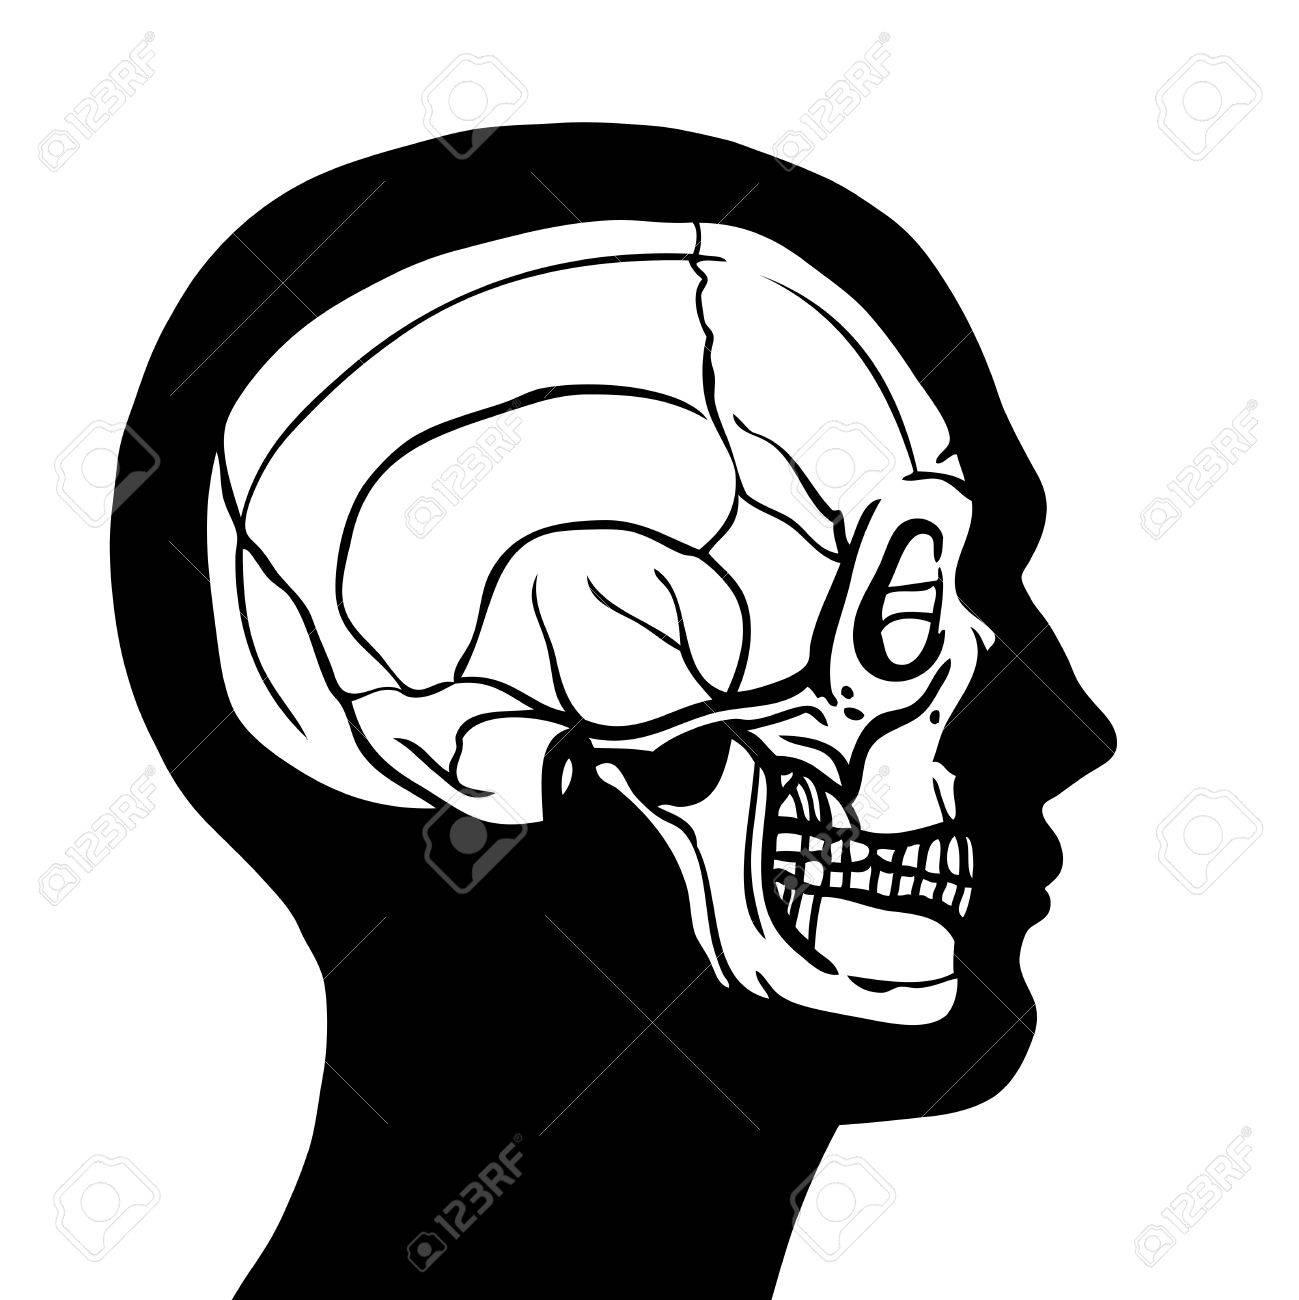 Humano Contorno Perfil De La Cabeza Con El Cráneo Adentro Concepto ...